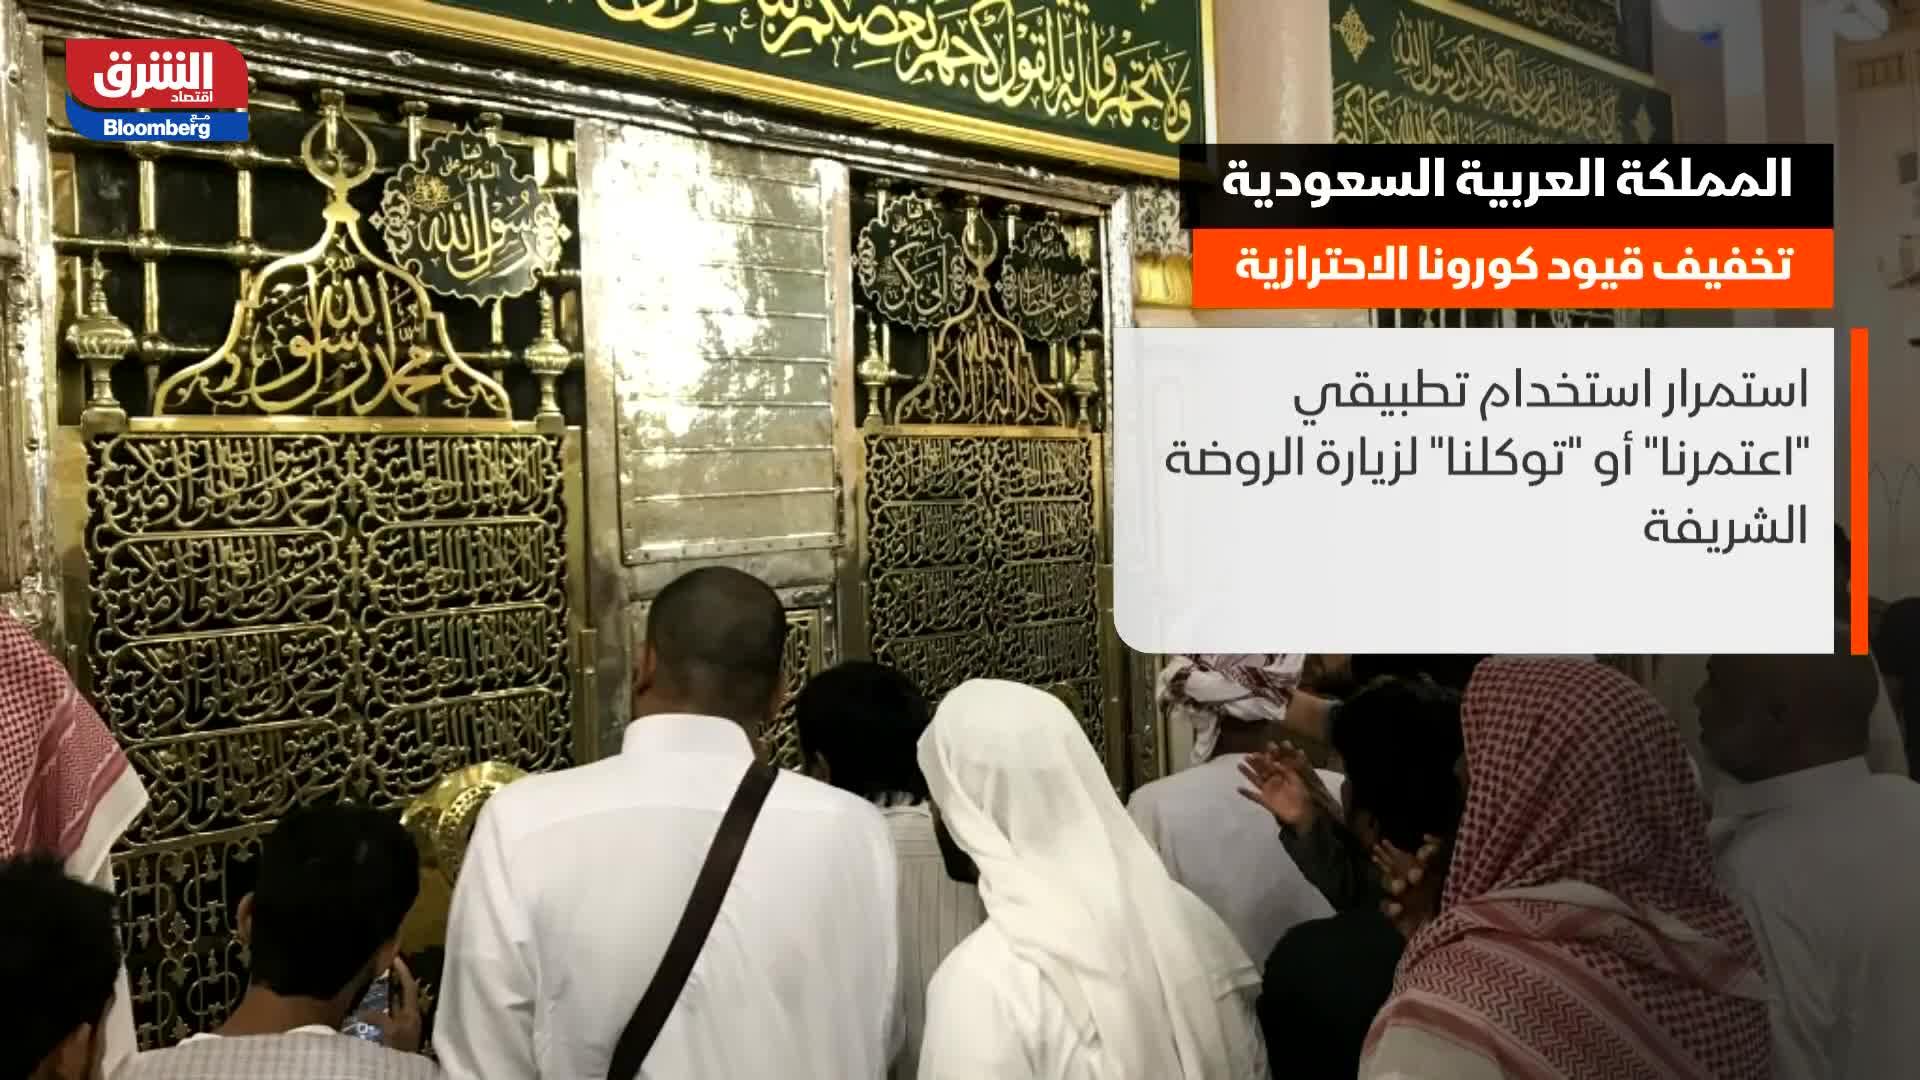 المملكة العربية السعودية.. تخفيف قيود كورونا الاحترازية